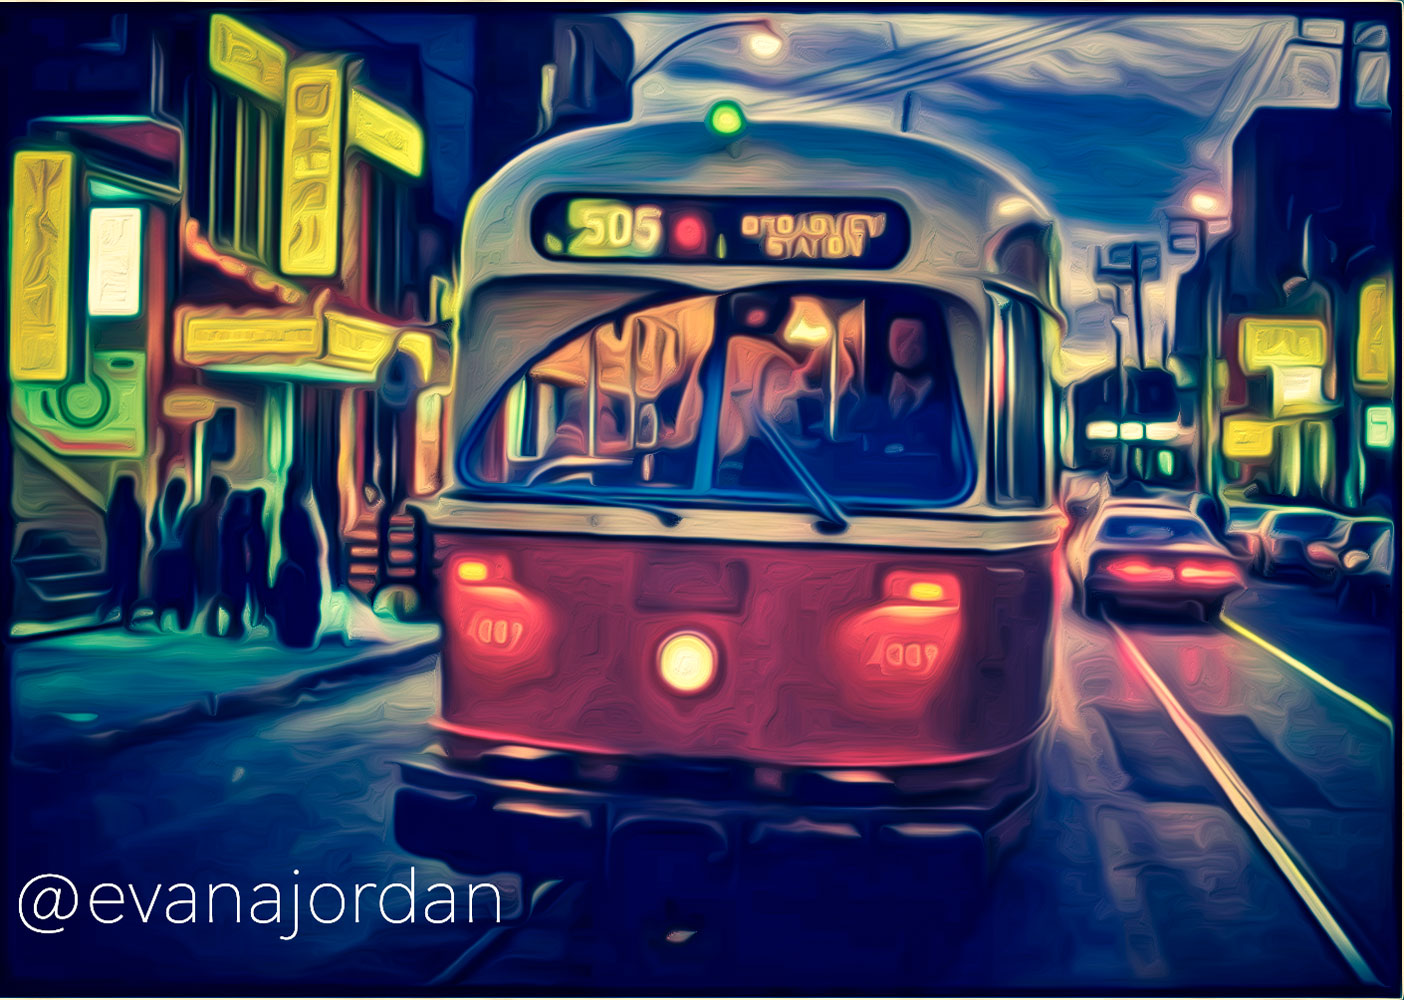 dundas-streetcar